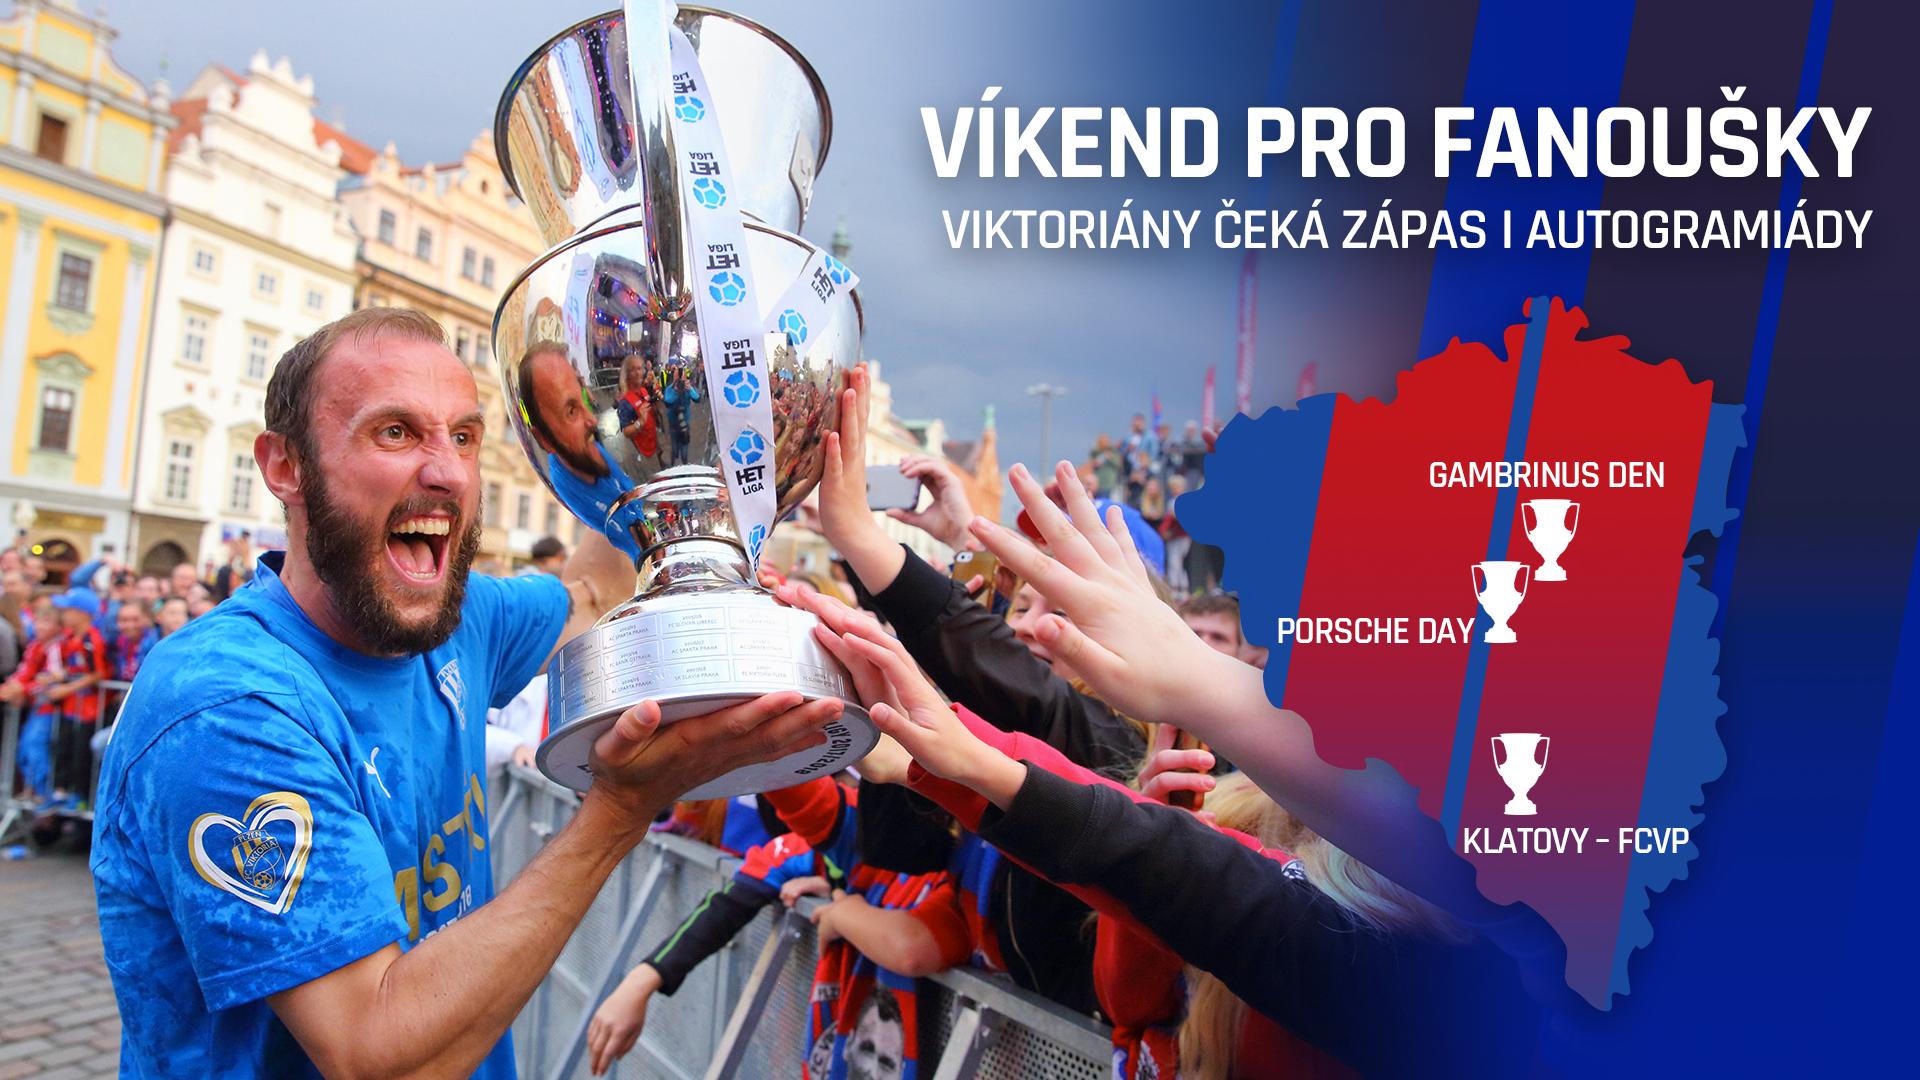 Viktoriány čeká nabitý víkend, kromě zápasu a tréninků také autogramiády!